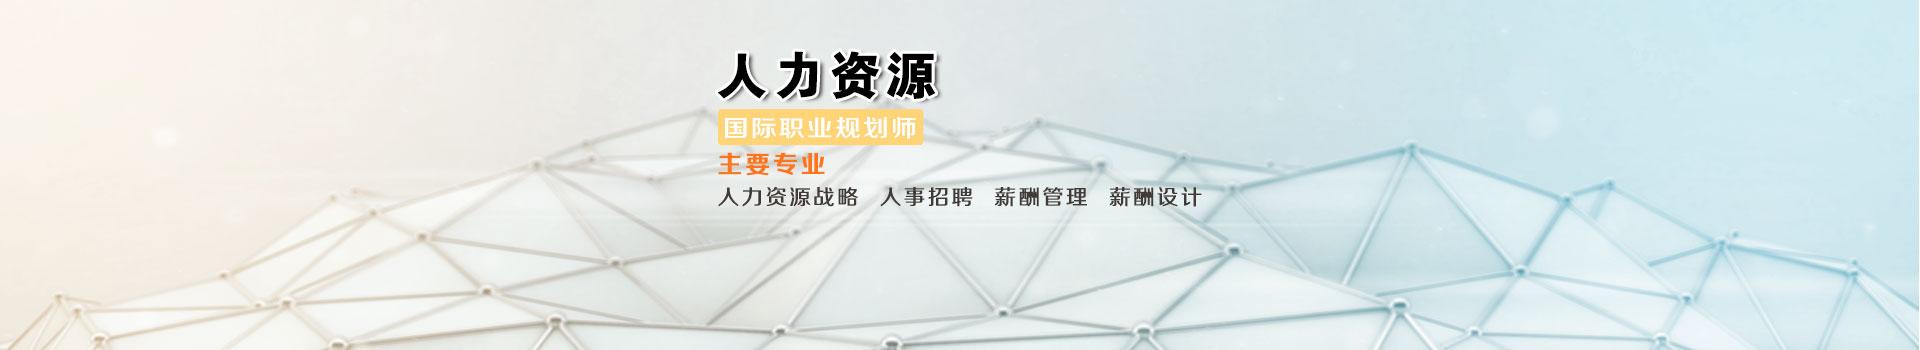 中国社会科学院研究生院人力资源(国际职业规划师)课程班招生简章